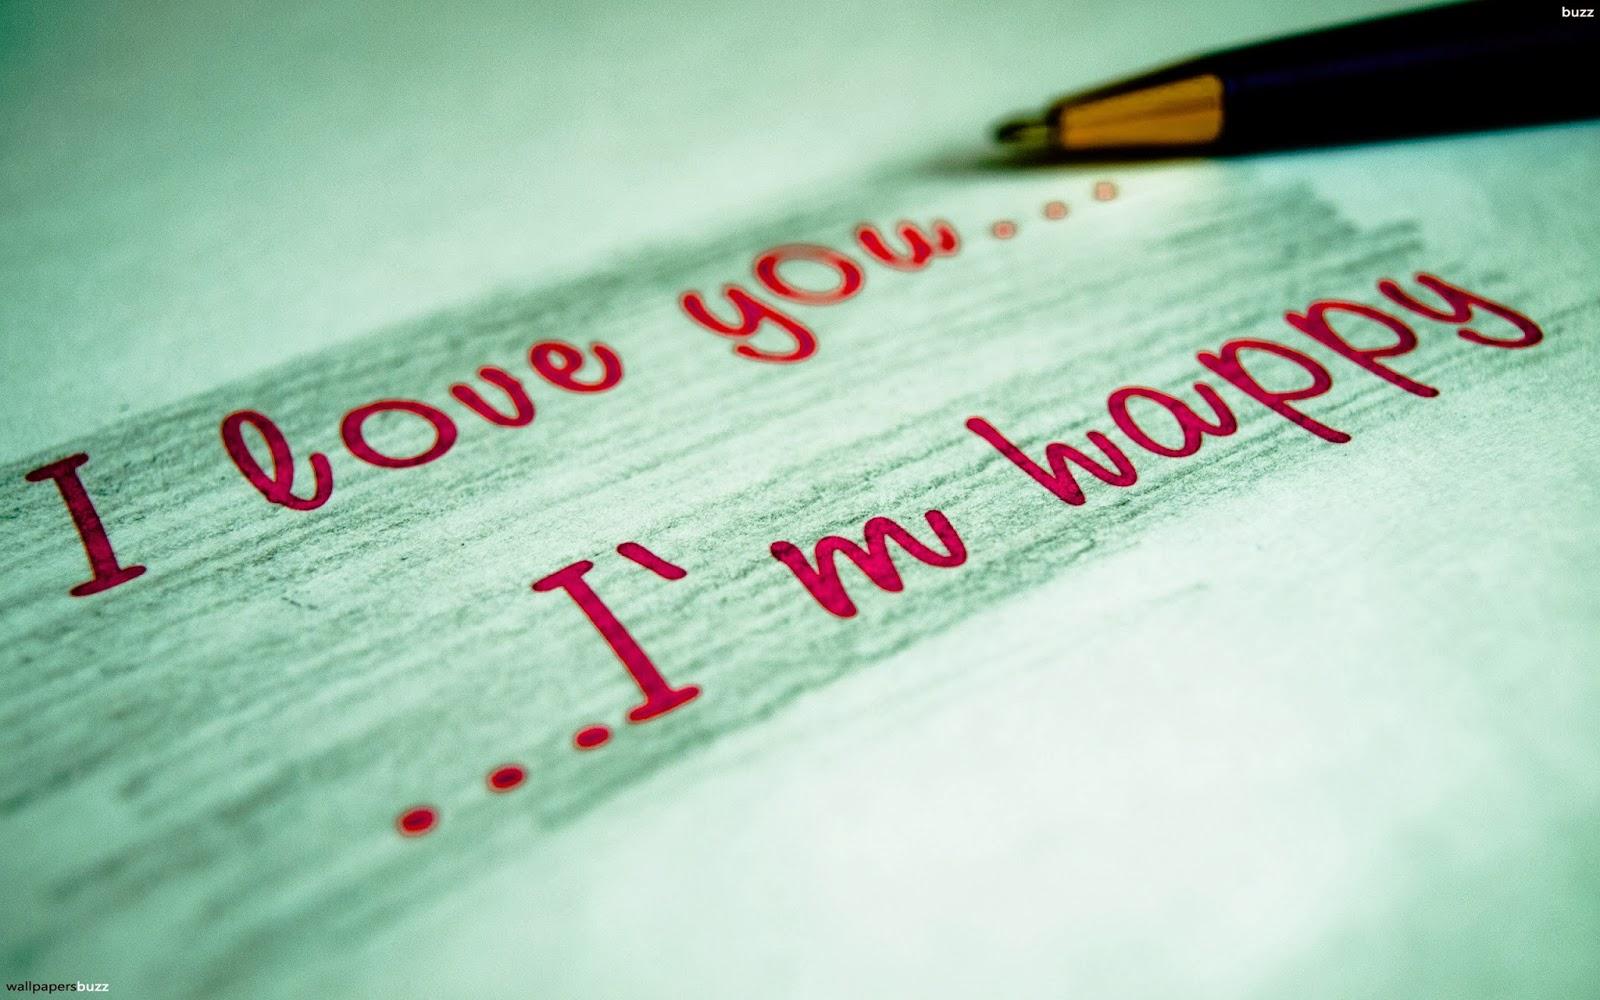 Raita: скачать картинки про любовь с надписью